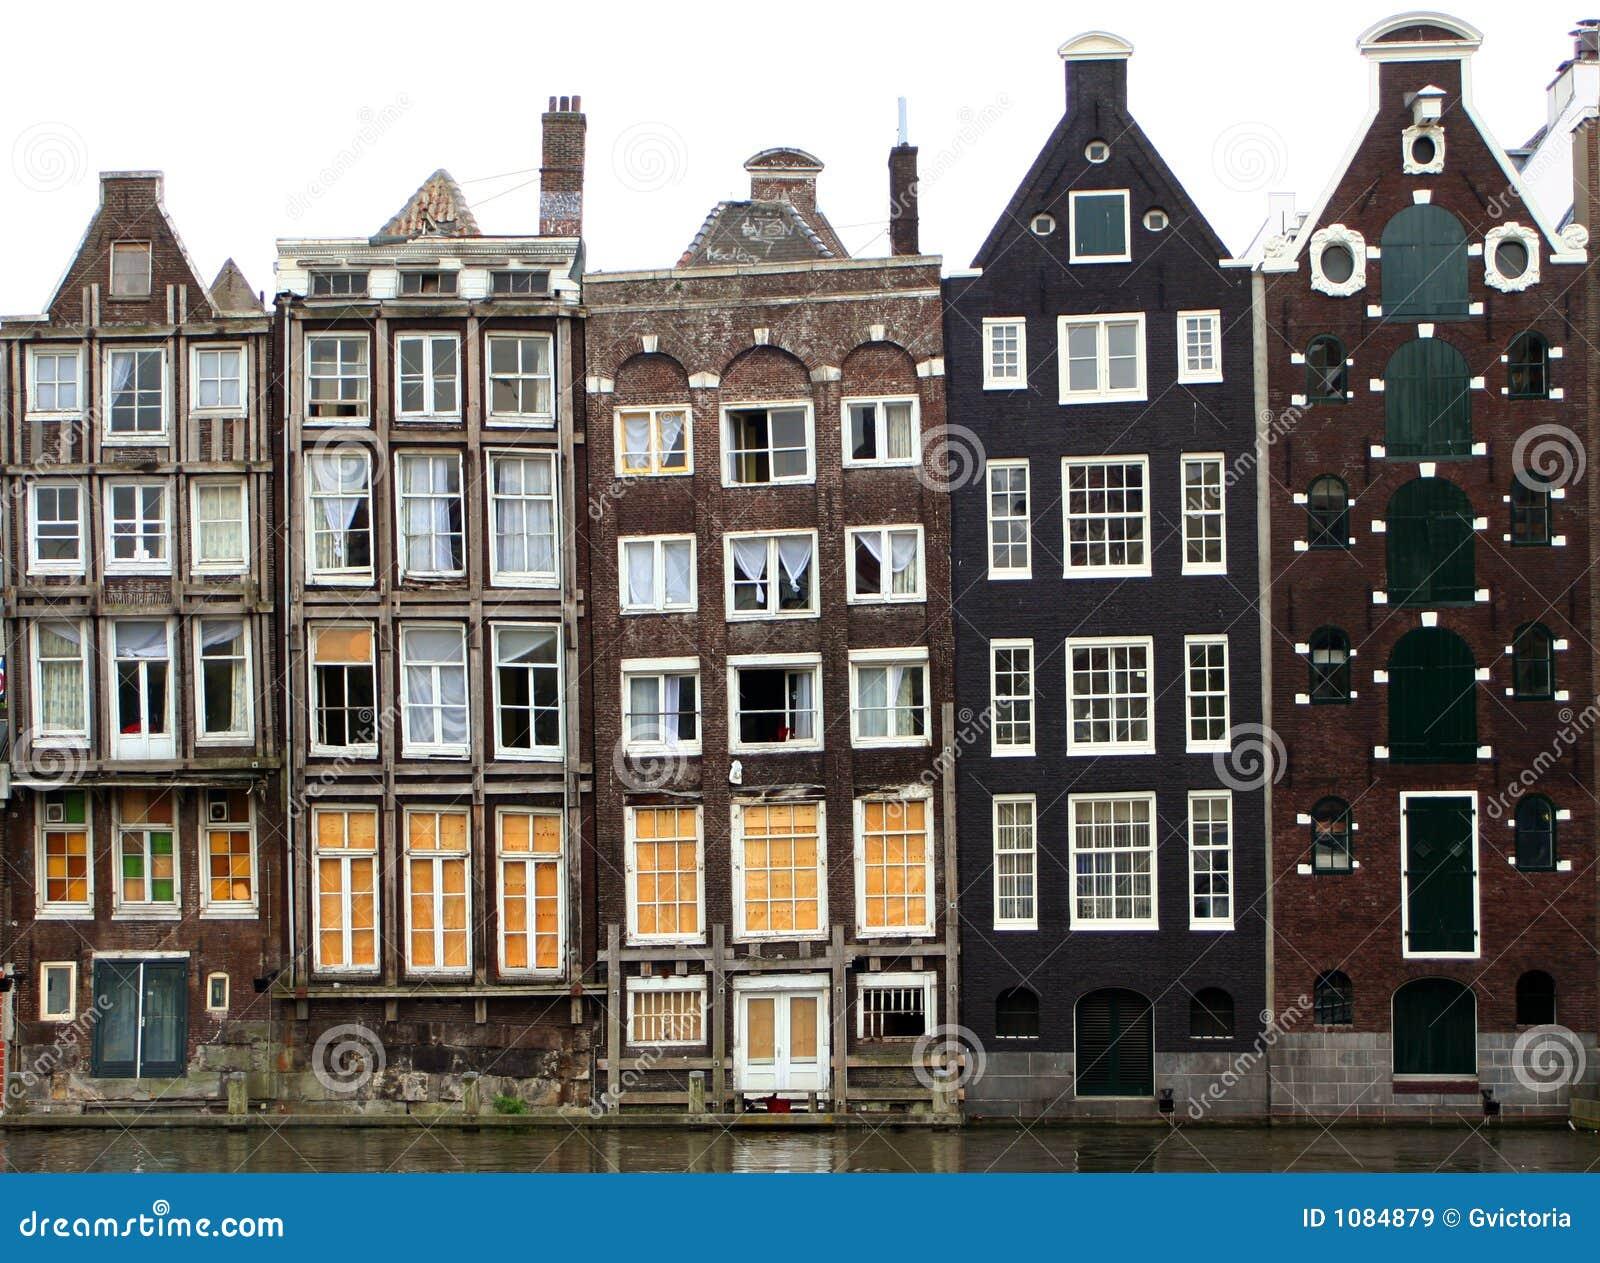 De huizen van amsterdam stock afbeelding afbeelding bestaande uit huizen 1084879 - Fotos van eigentijds huis ...